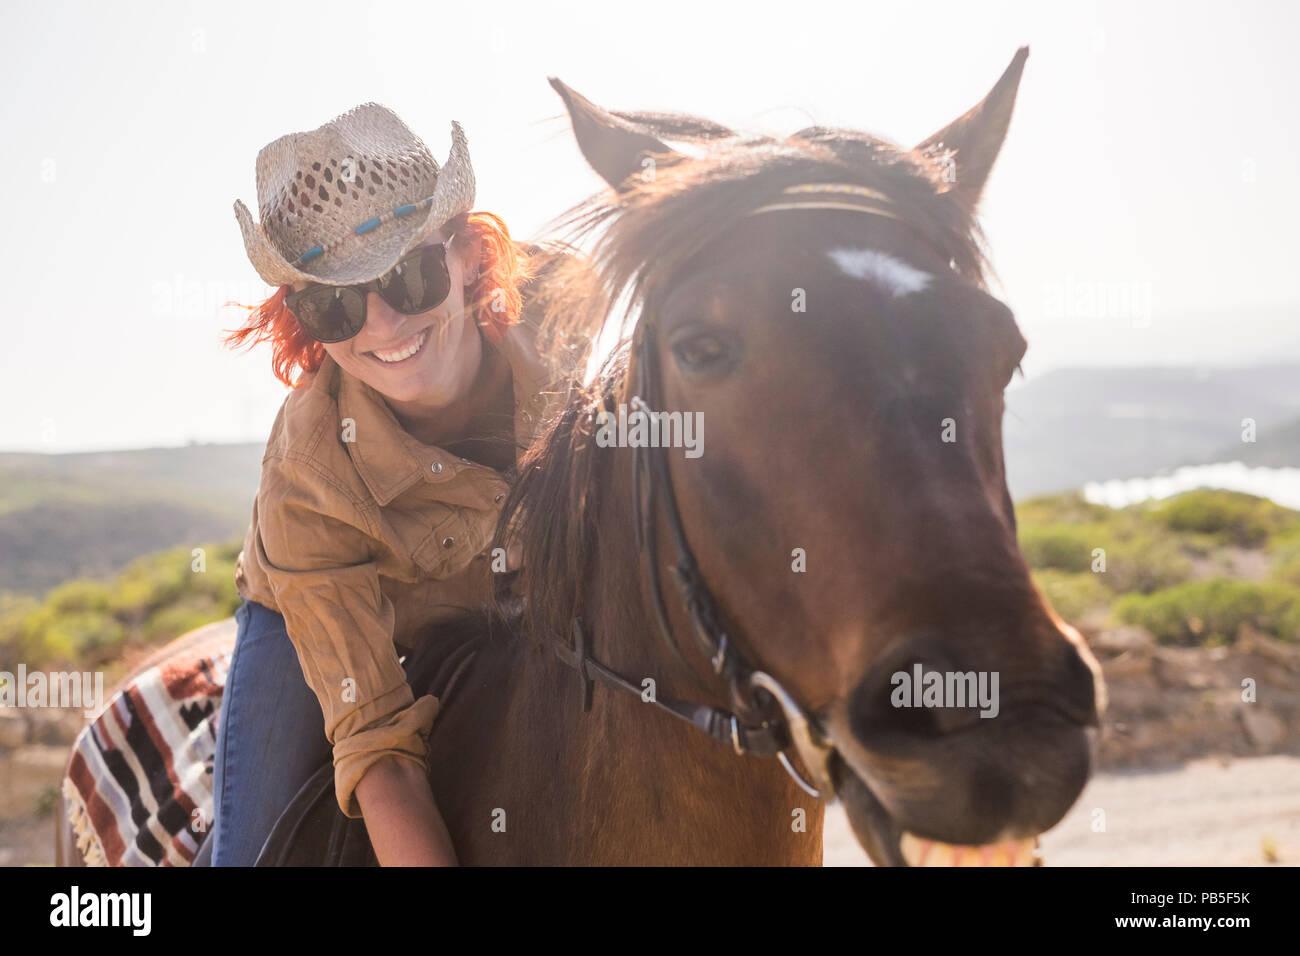 Bella allegro giovane donna godere e cavalcare la sua brown carino cavallo in amicizia e relazione. amante degli animali e Pet Therapy concetto. viaggi e va Foto Stock